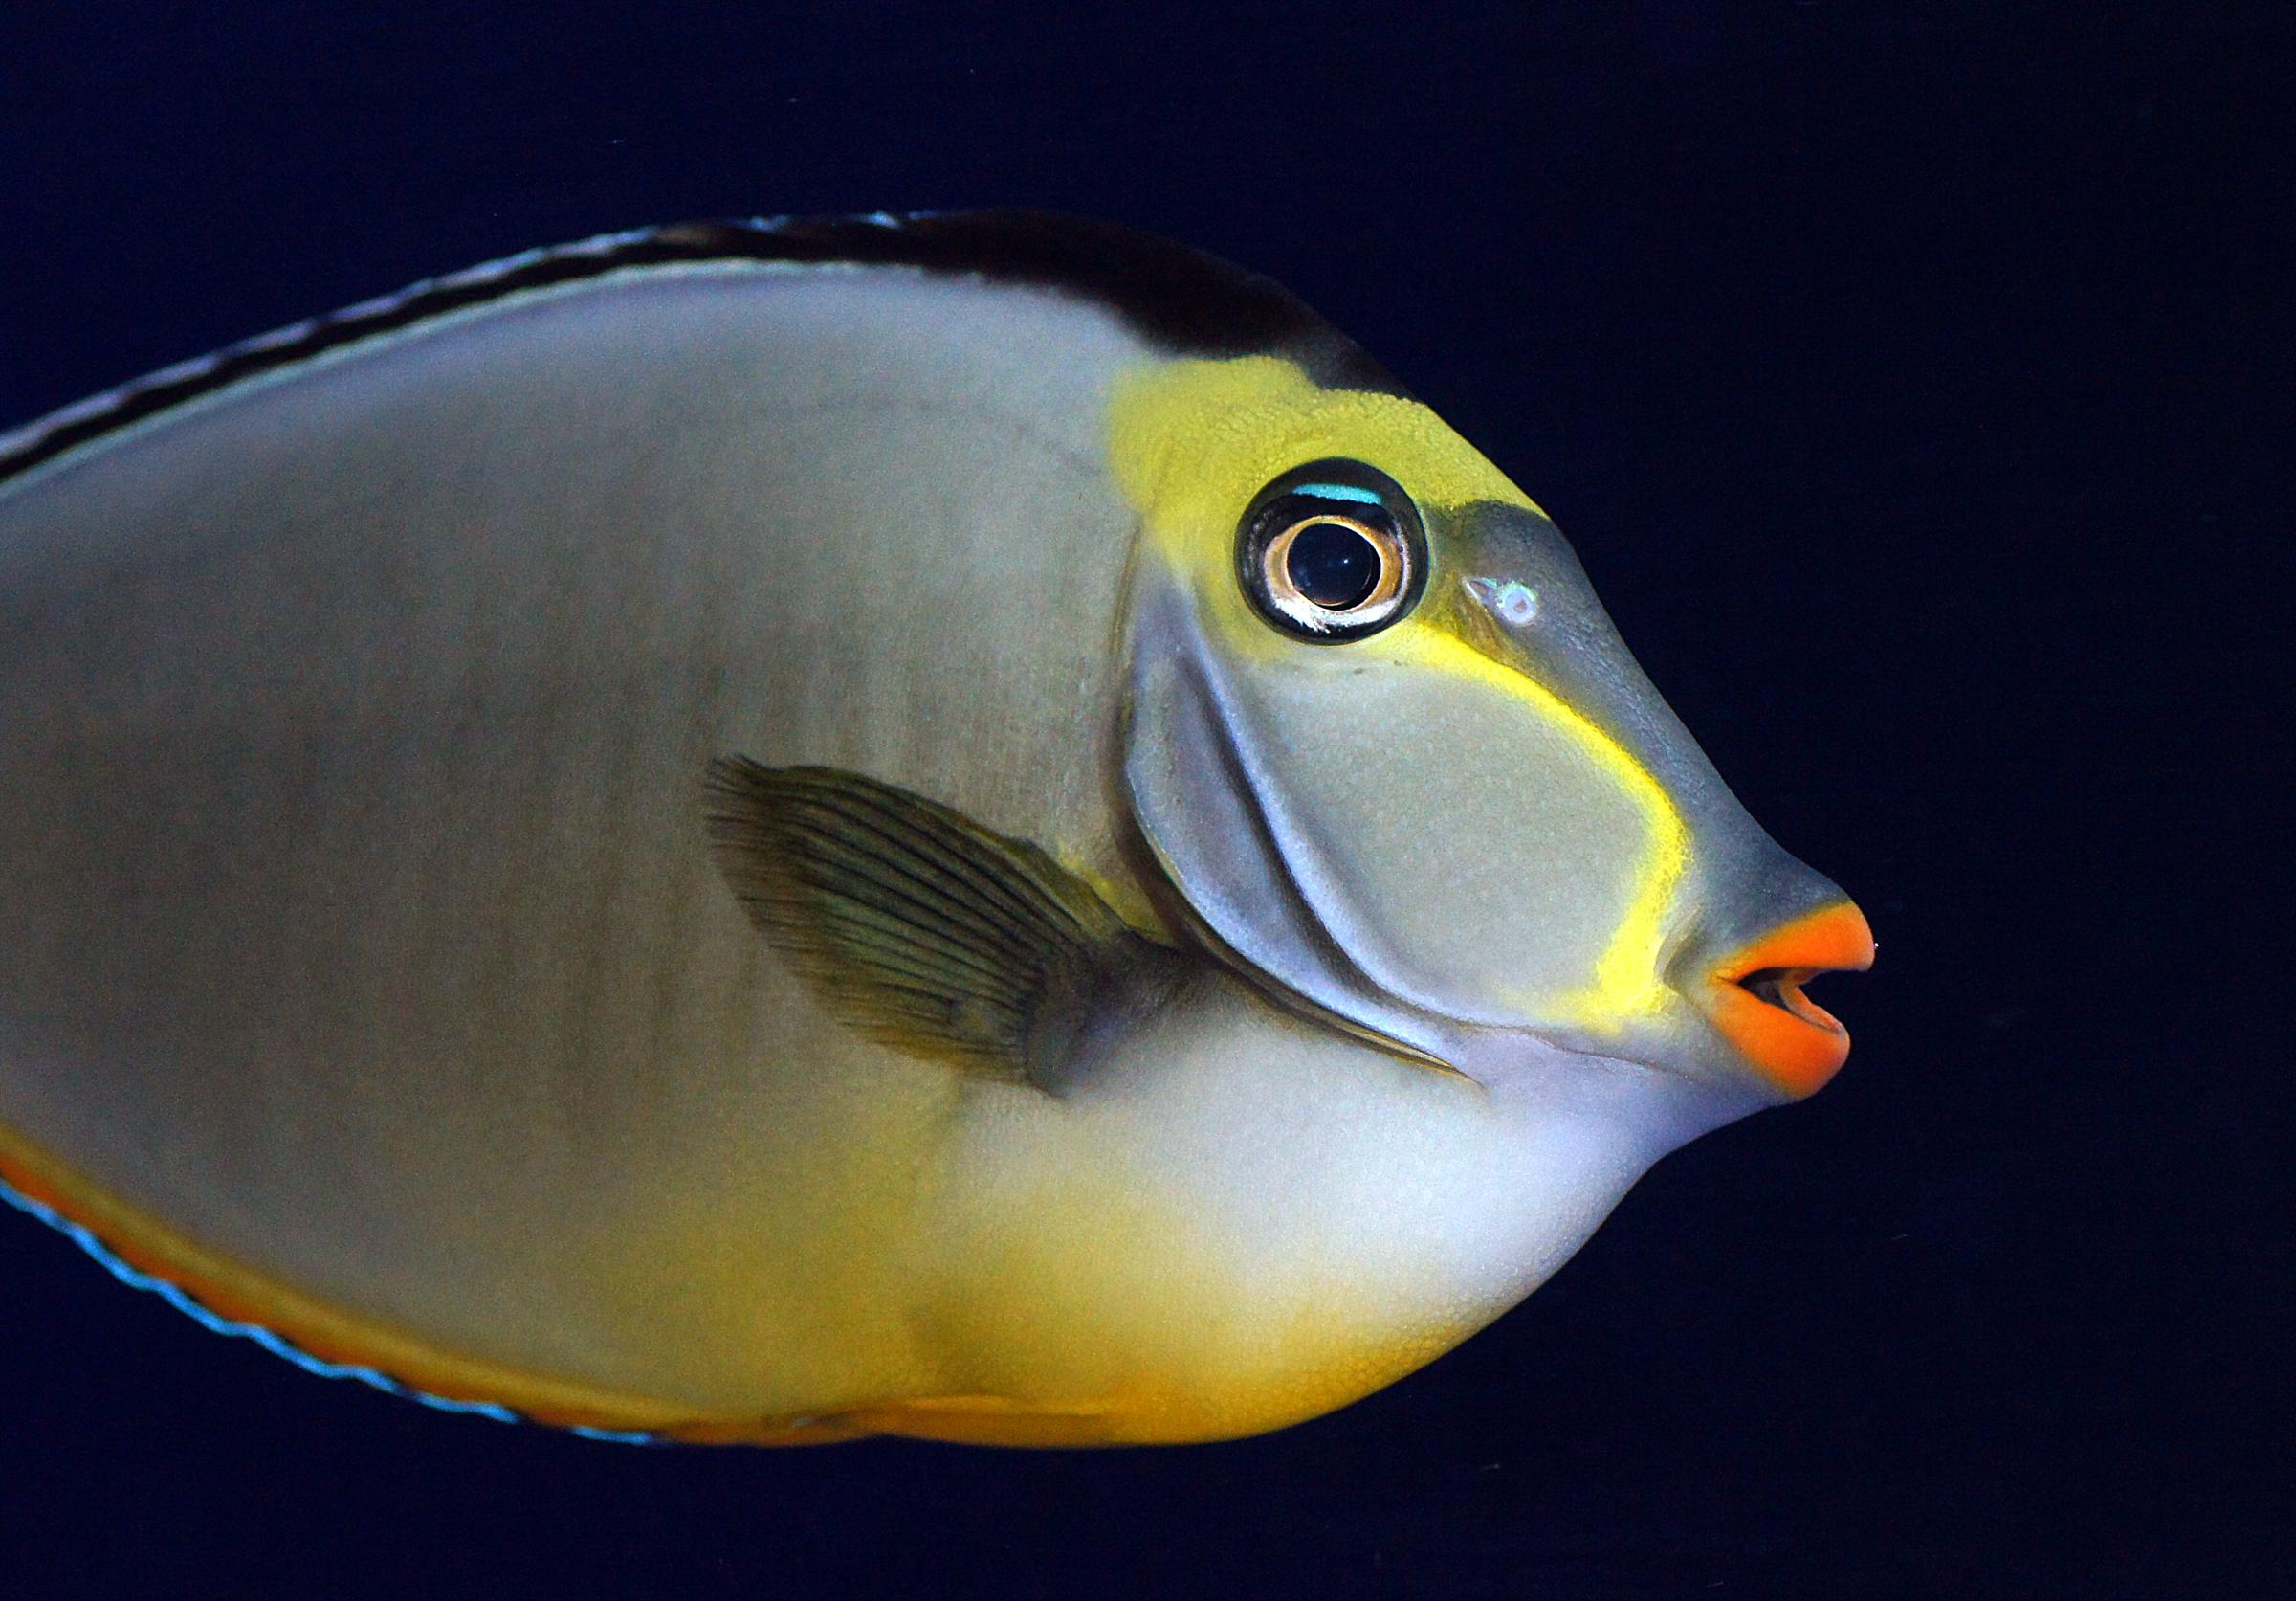 долго, рыба с клювом картинки разных мест батуми